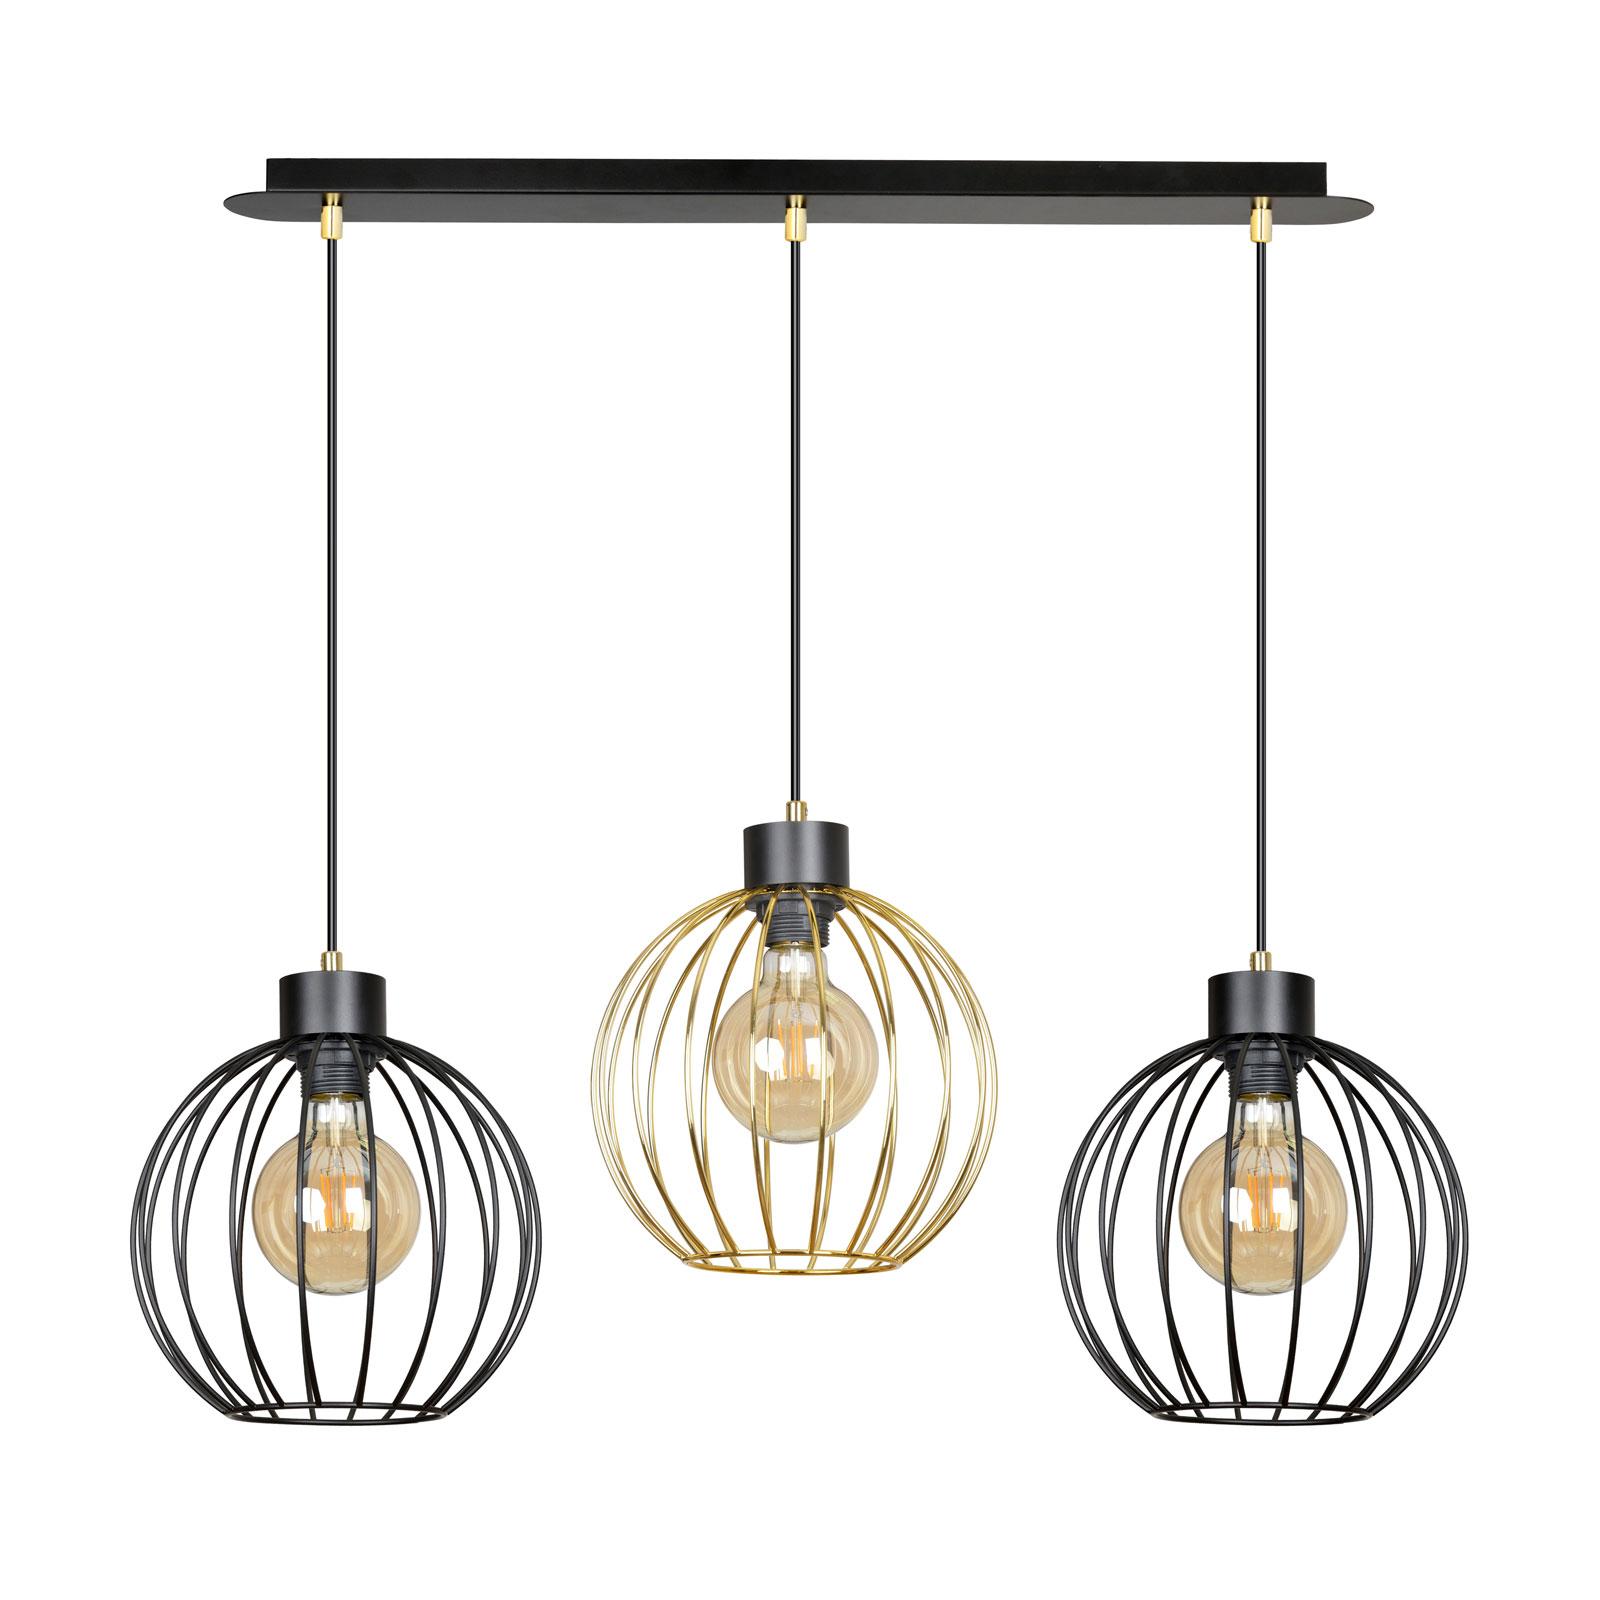 Suspension Pineta 3 à 3 lampes, noire-dorée